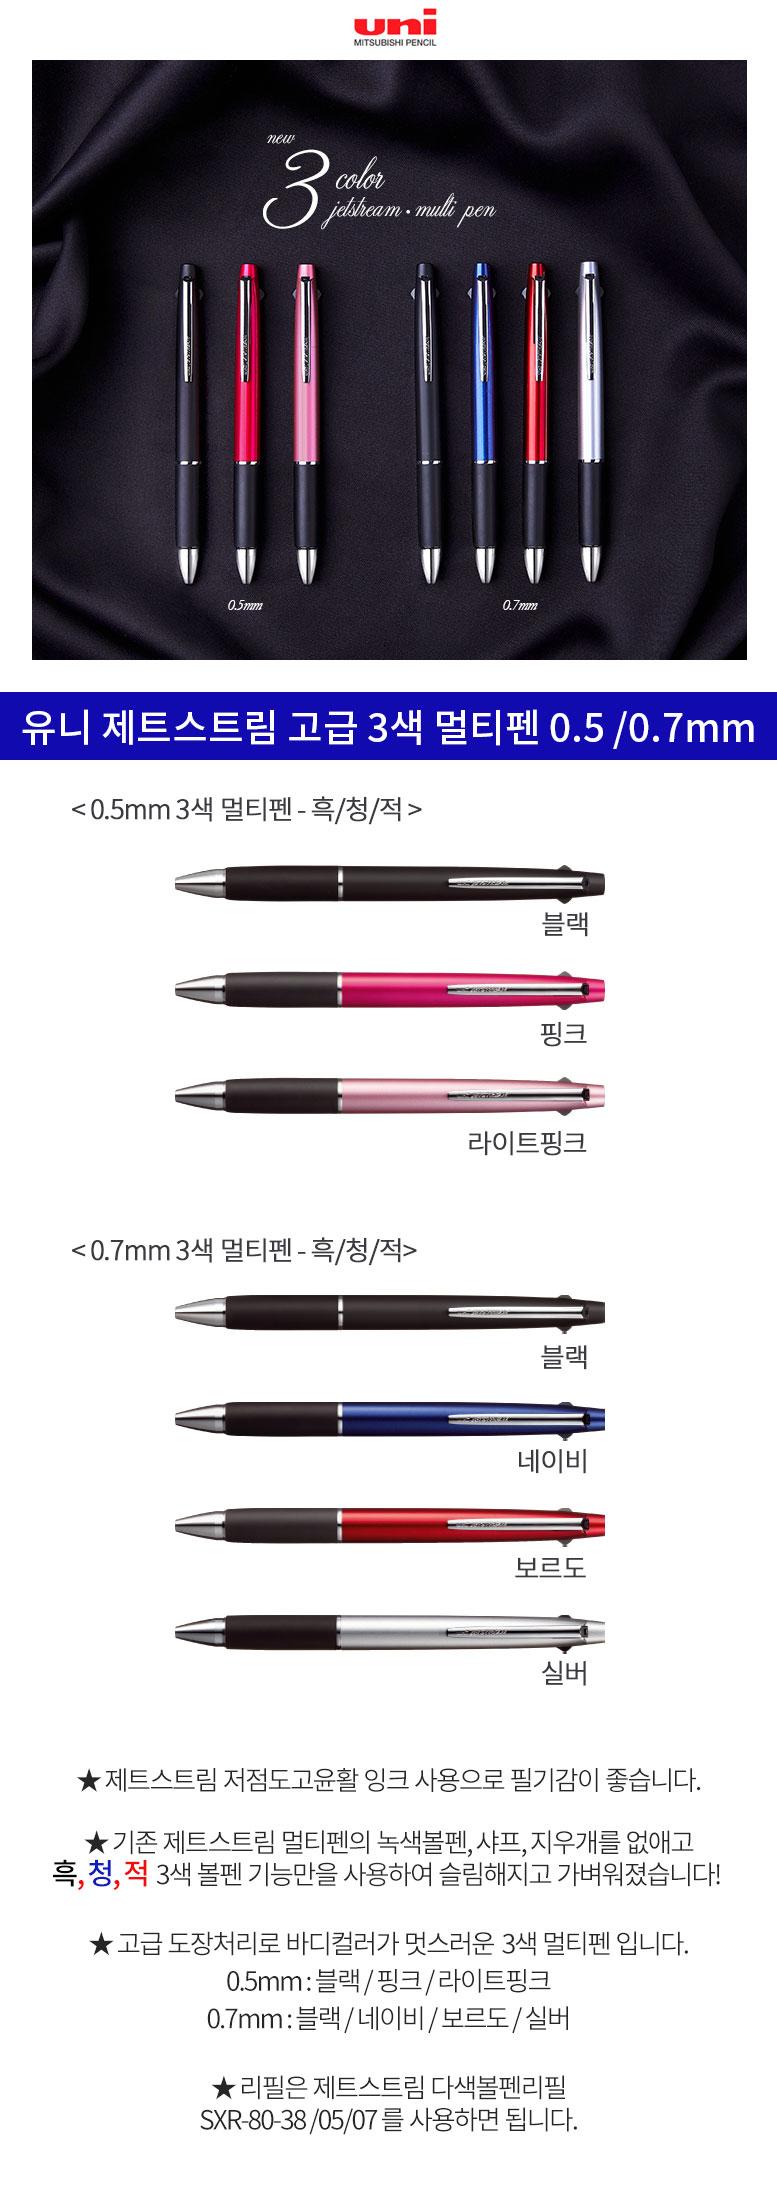 유니 제트스트림 3색(흑+청+적) 멀티펜 고급형 (SXE3-800-05-07) - 펜디포, 10,000원, 수성/중성펜, 멀티색상 펜